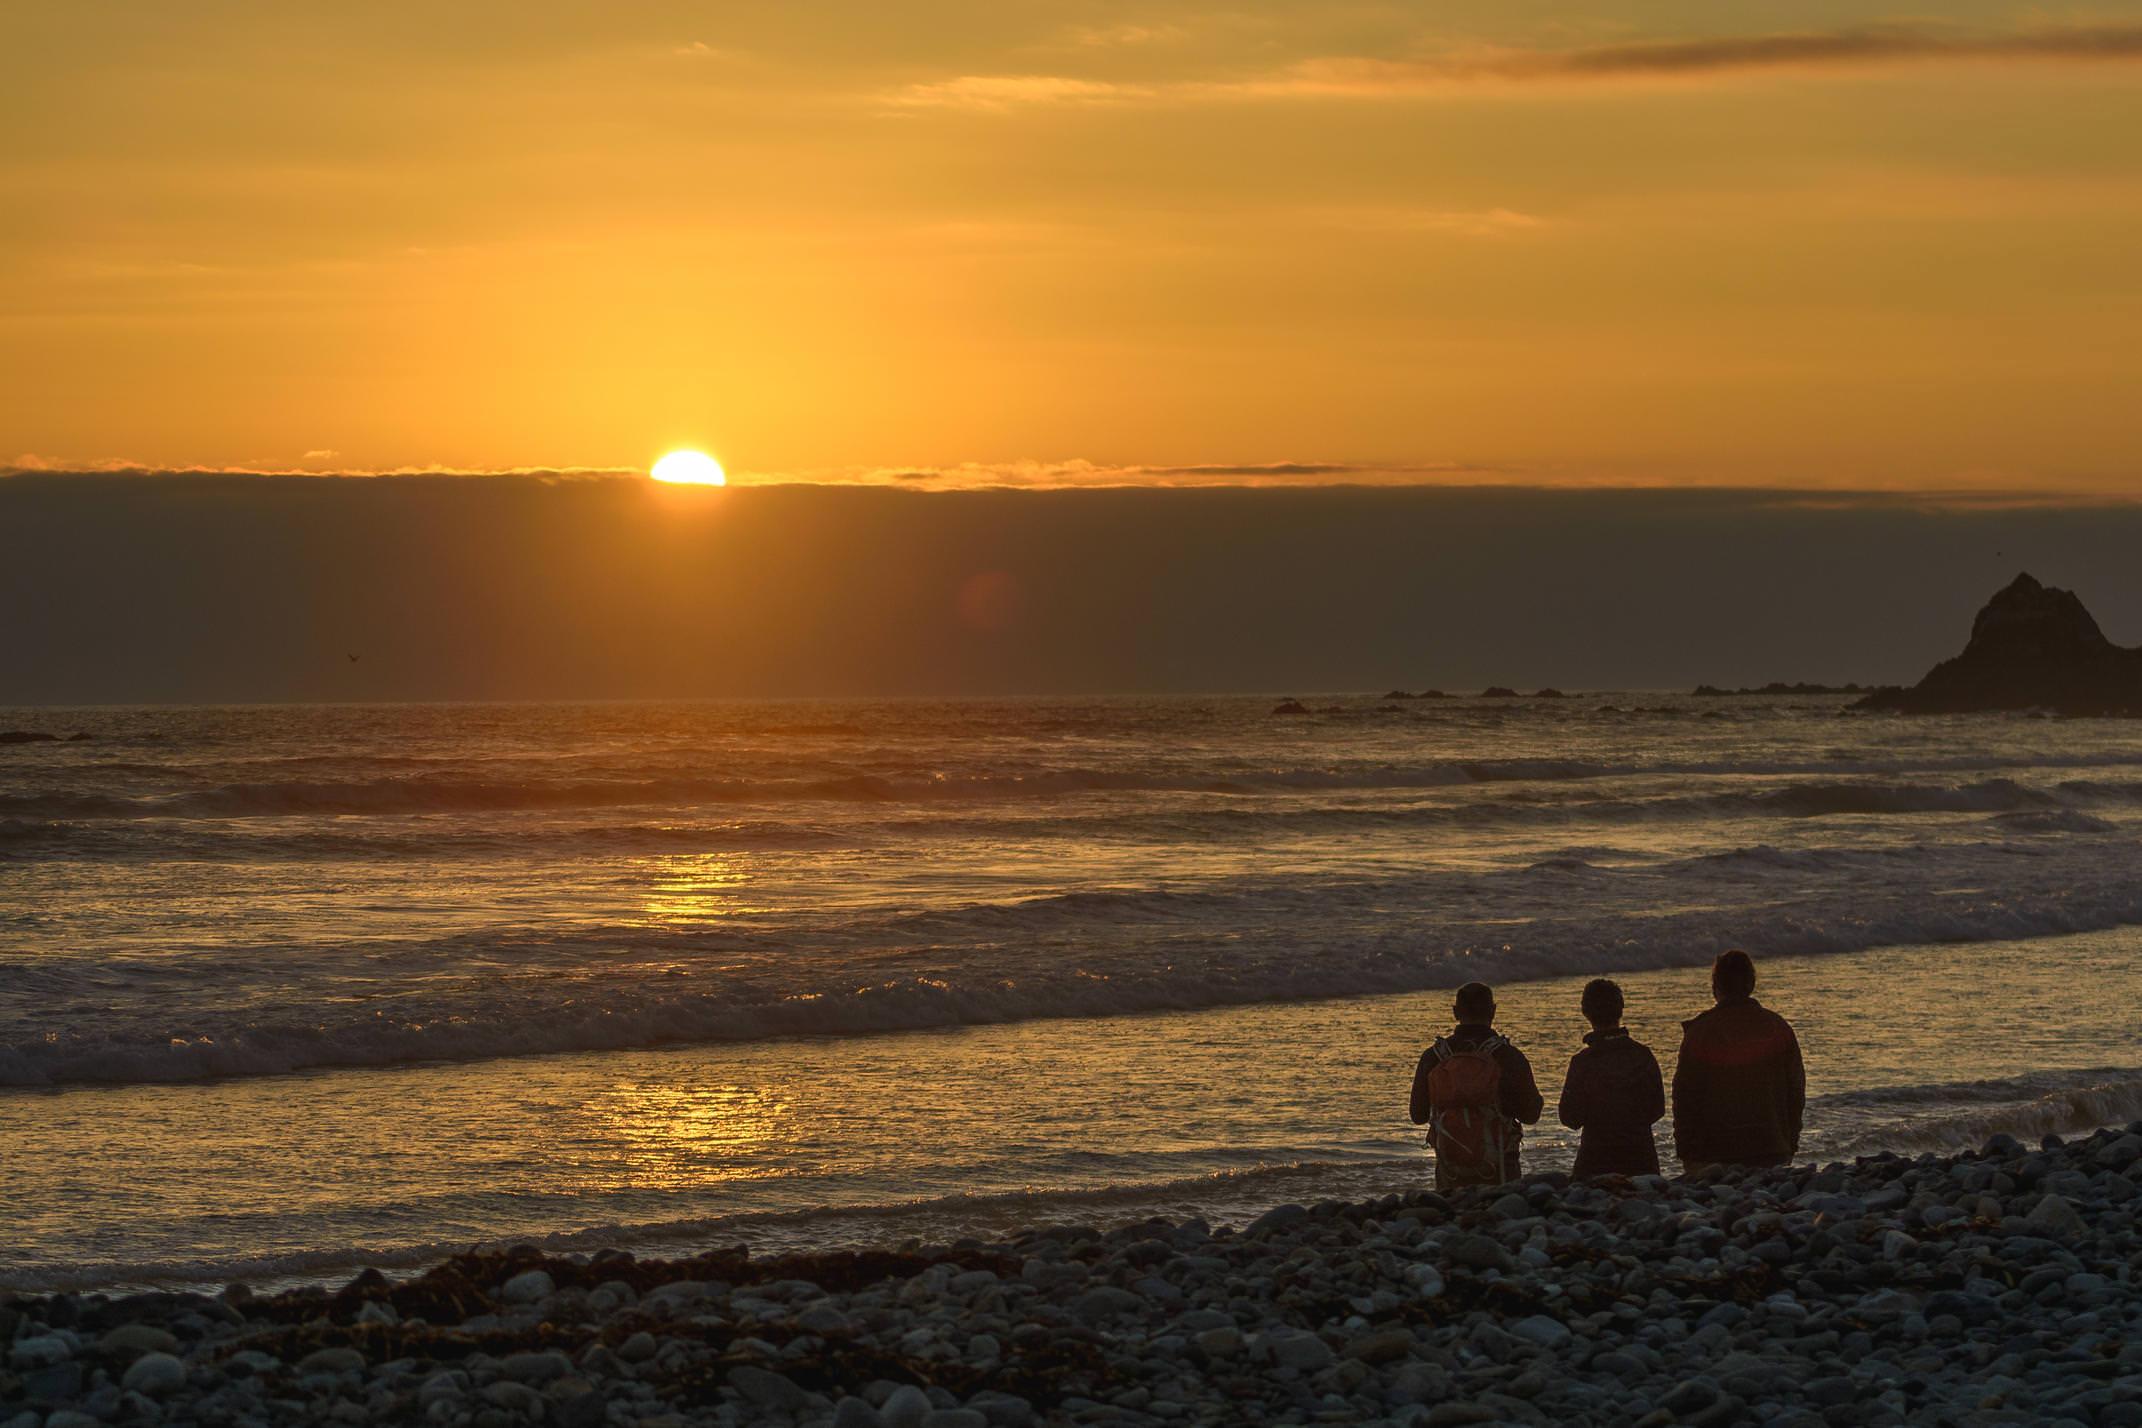 Chile copiapo coast sunset c alvaro guide